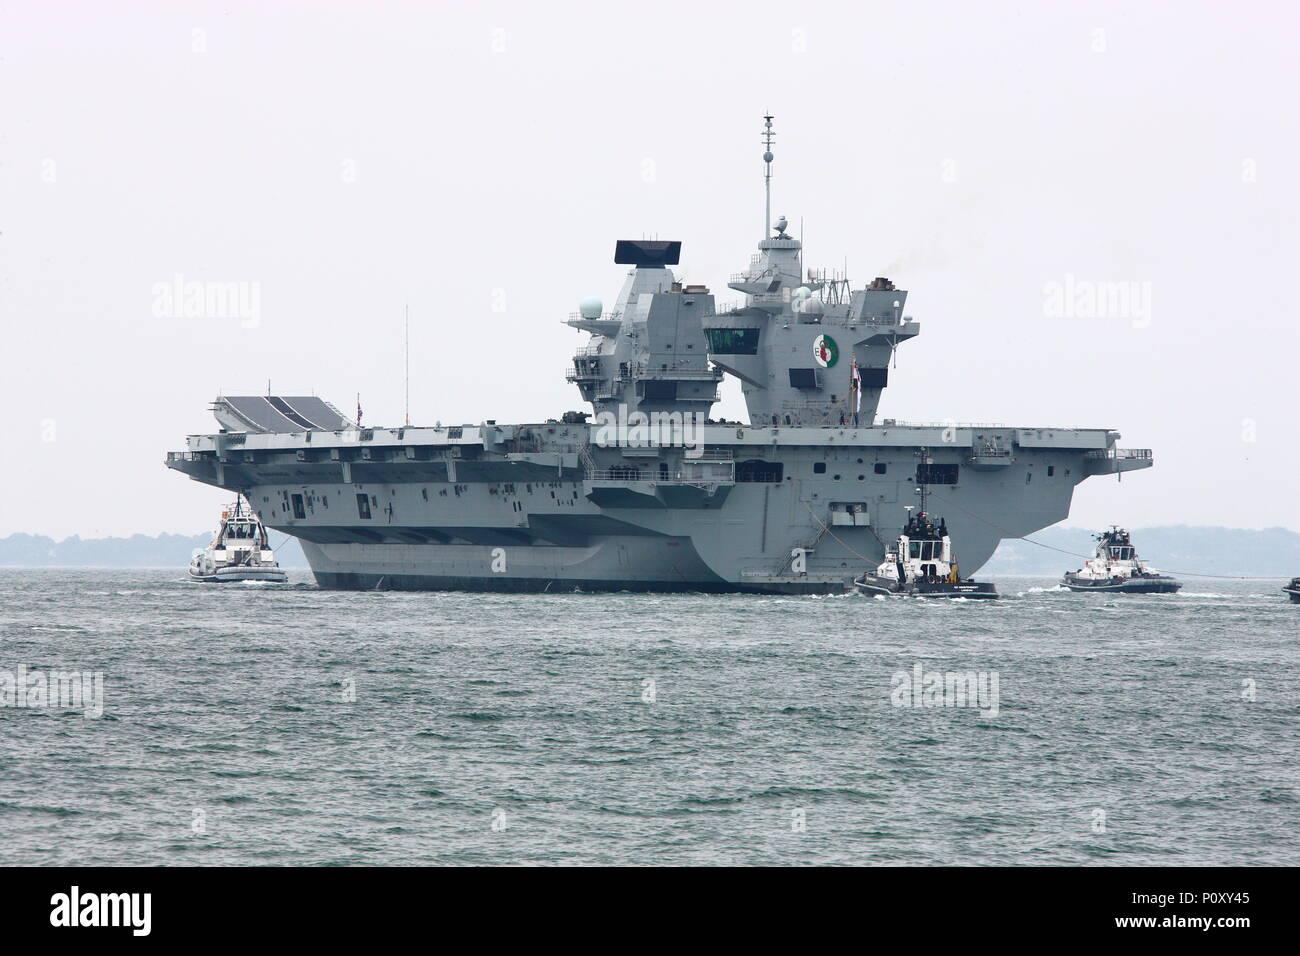 Portsmouth, Reino Unido. El 10 de junio de 2018. Visto por una gran multitud, la Royal Navy portaaviones HMS Queen Elizabeth sale su puerto de Portsmouth para su última implementación. Foto de stock